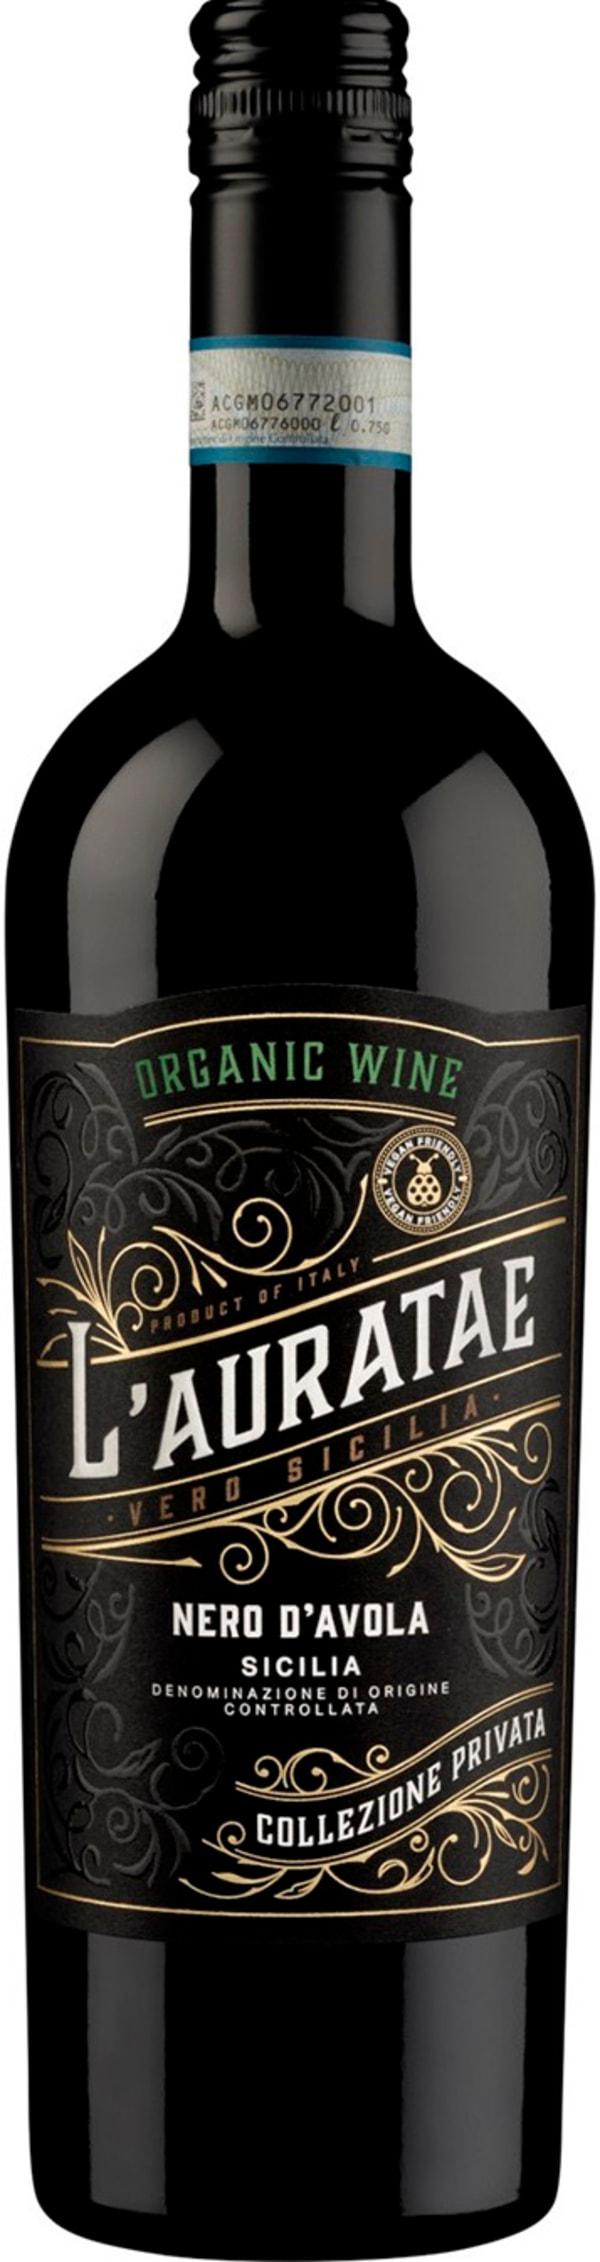 L'Auratae Nero d'Avola 2019